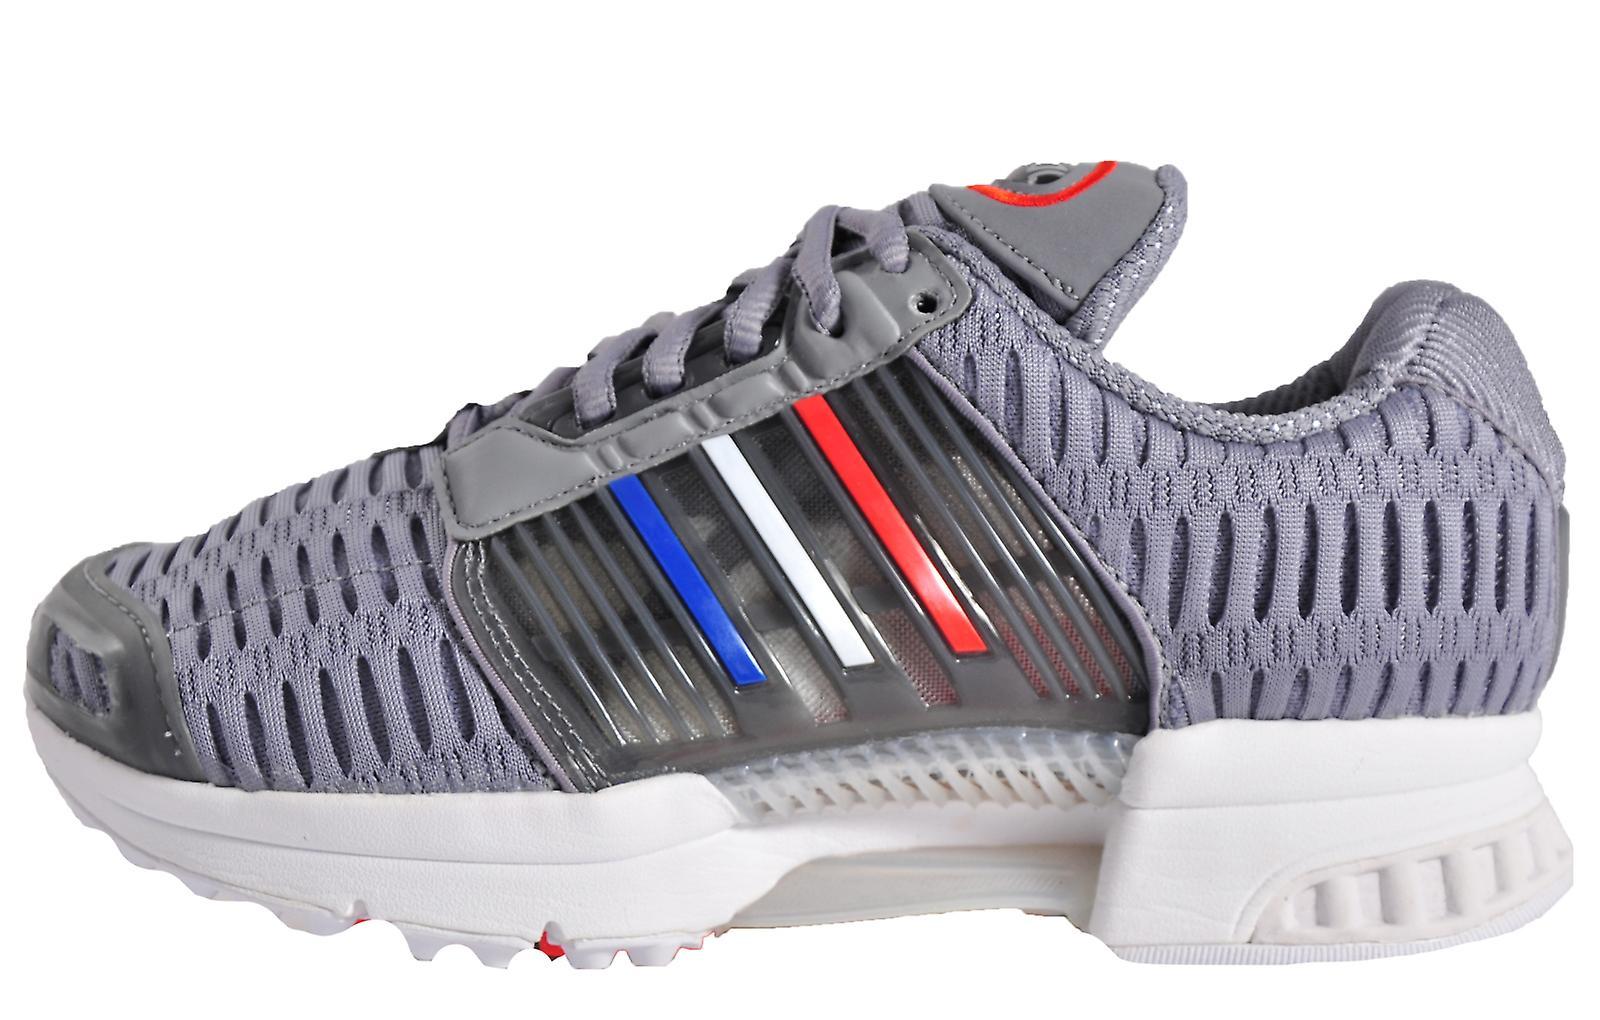 Adidas Originals Climacool 1 Junior Grey/Blue/Red